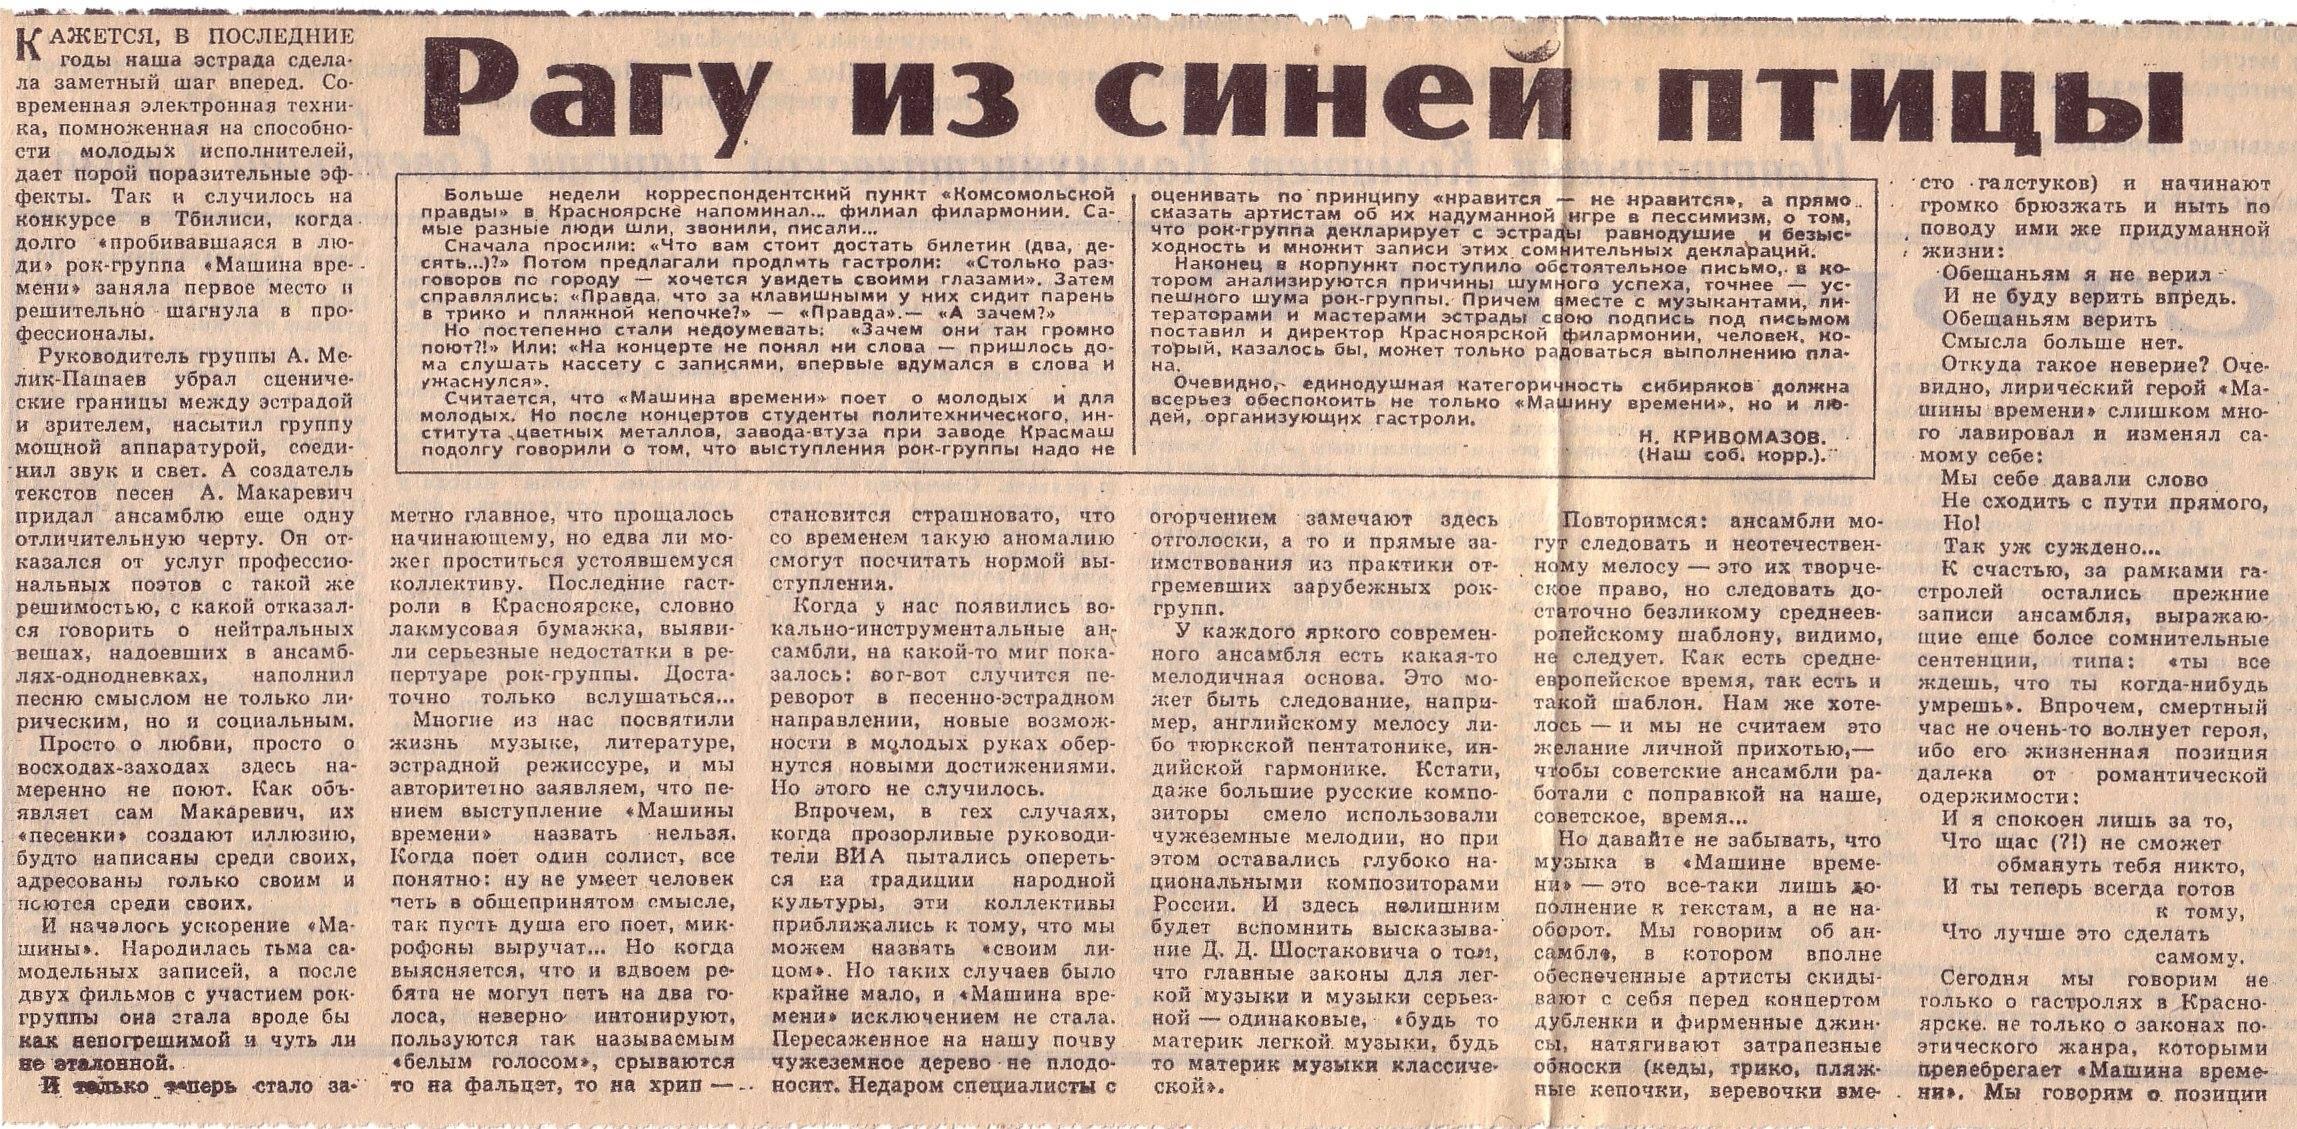 Байки из СССР